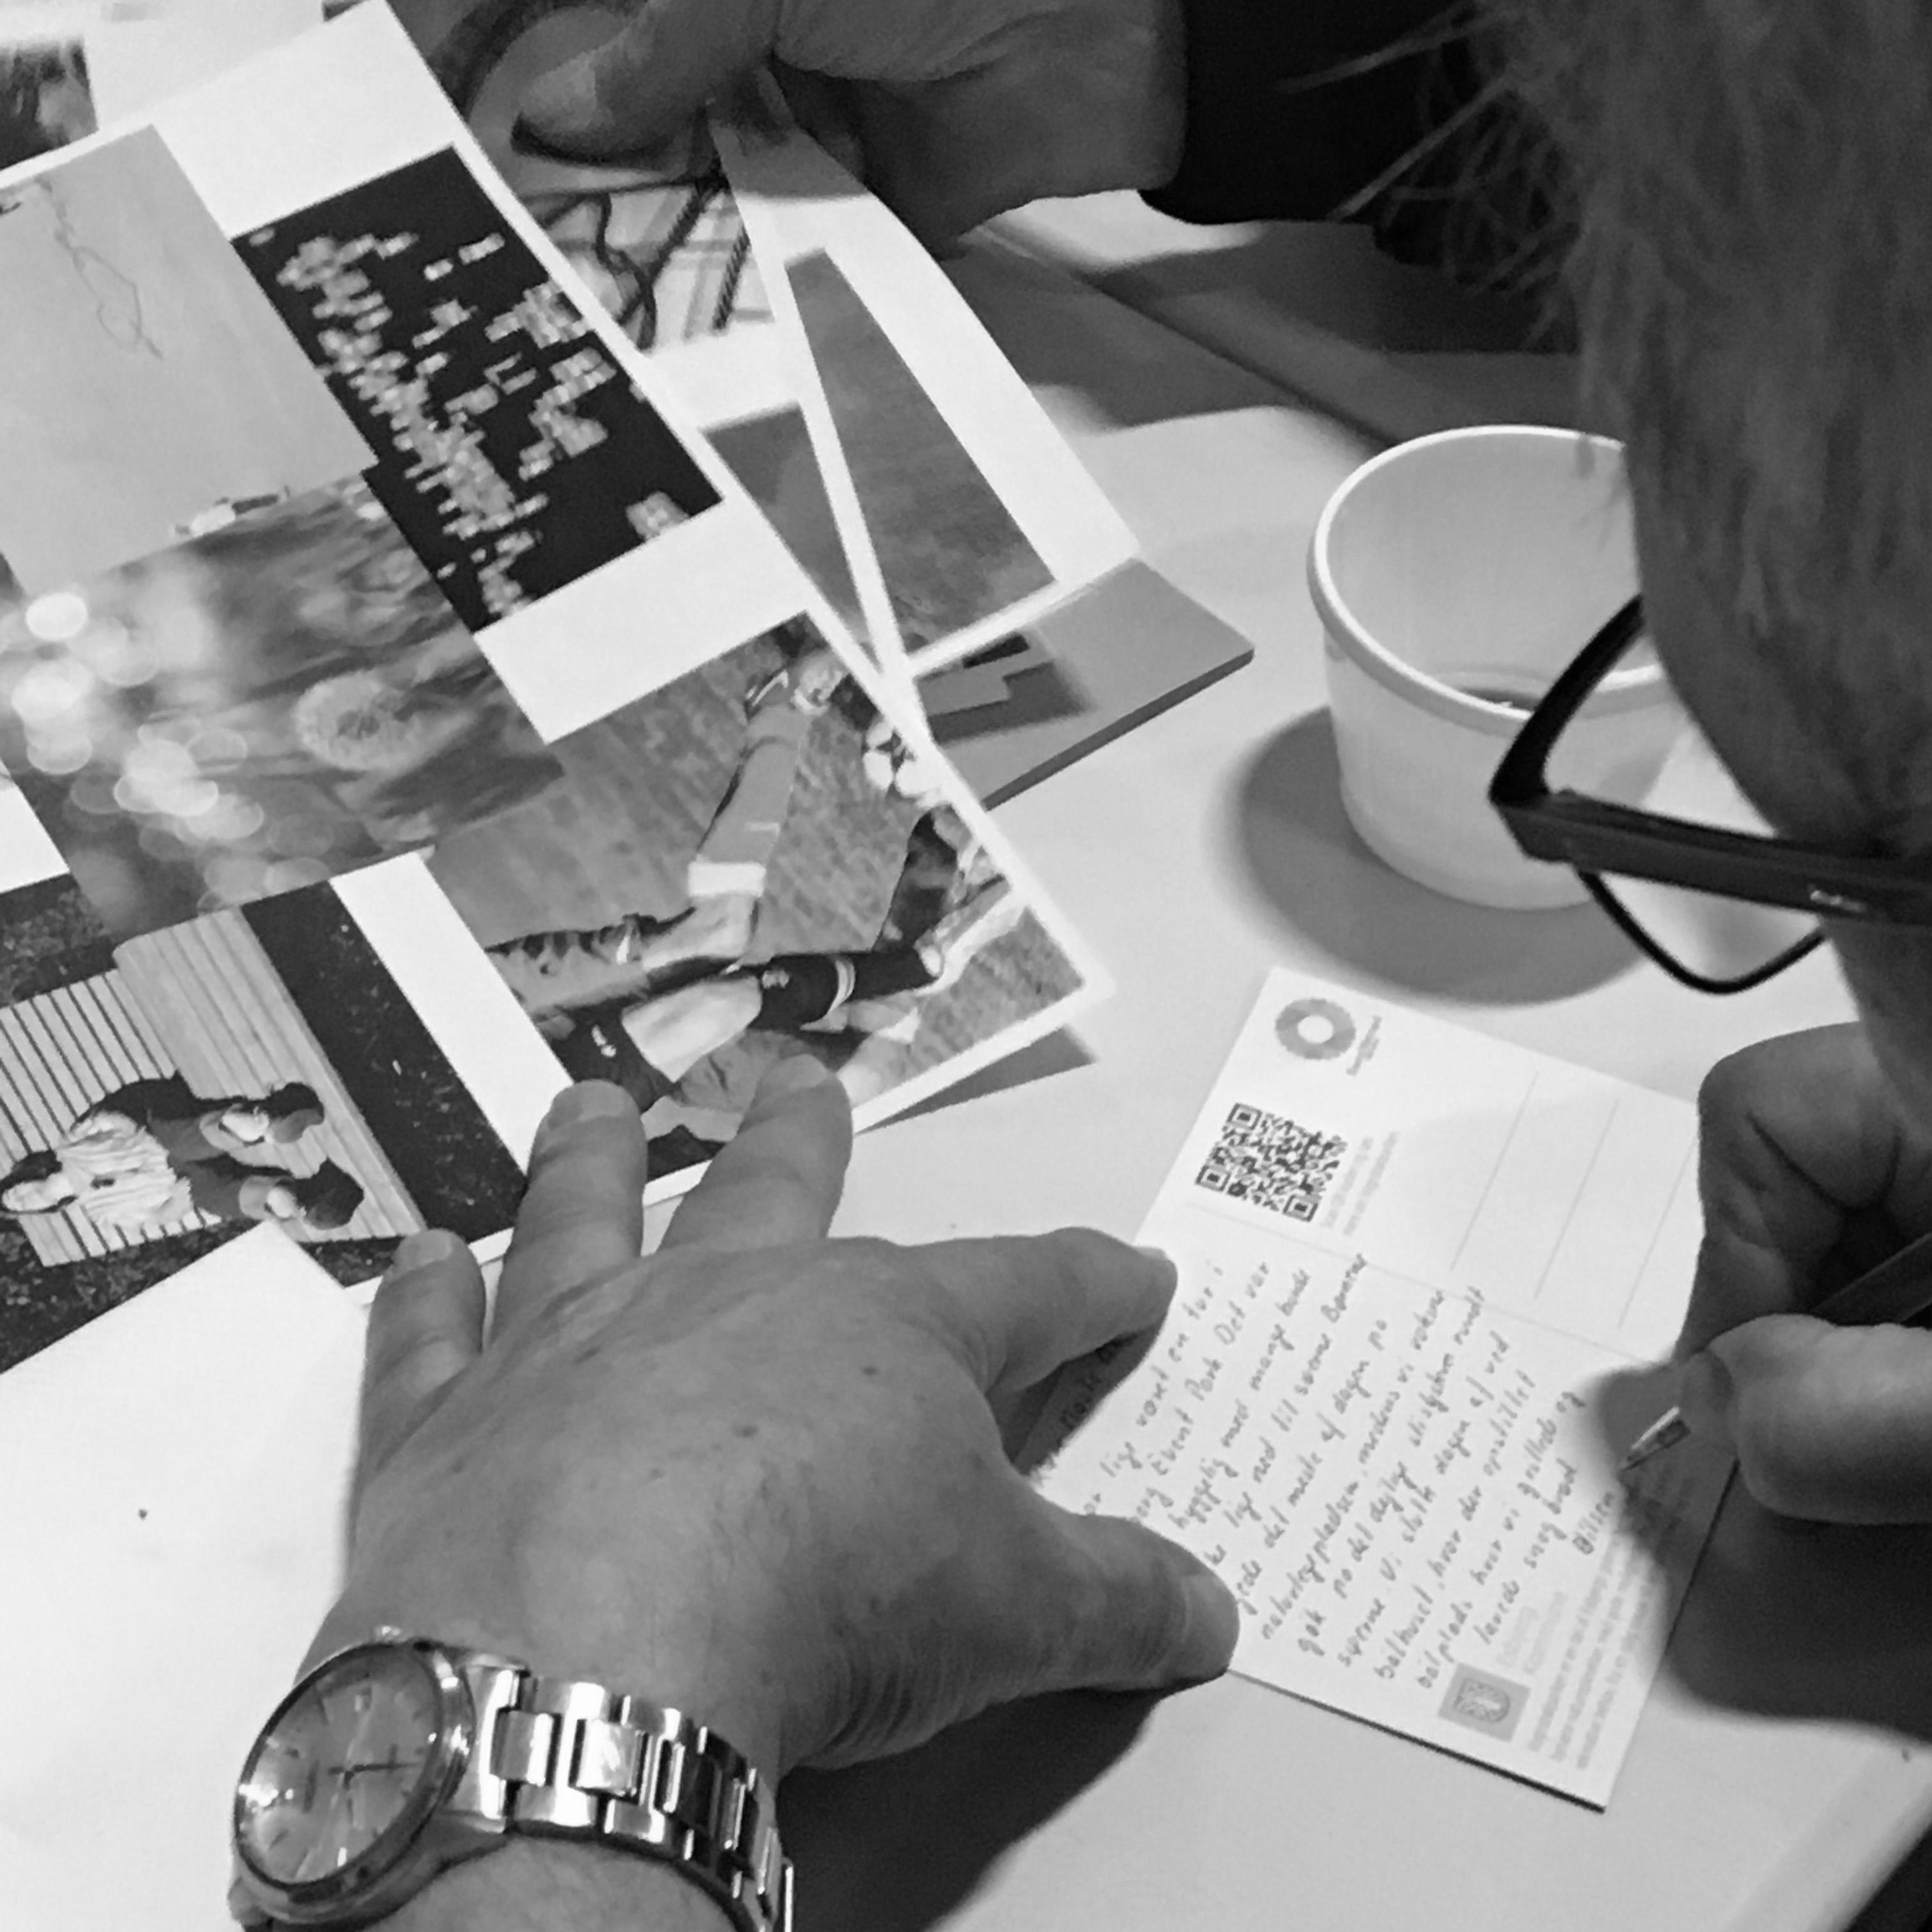 postkort-skrivning_1a SH Tjæreborg workshop MOOS LANDSKABER